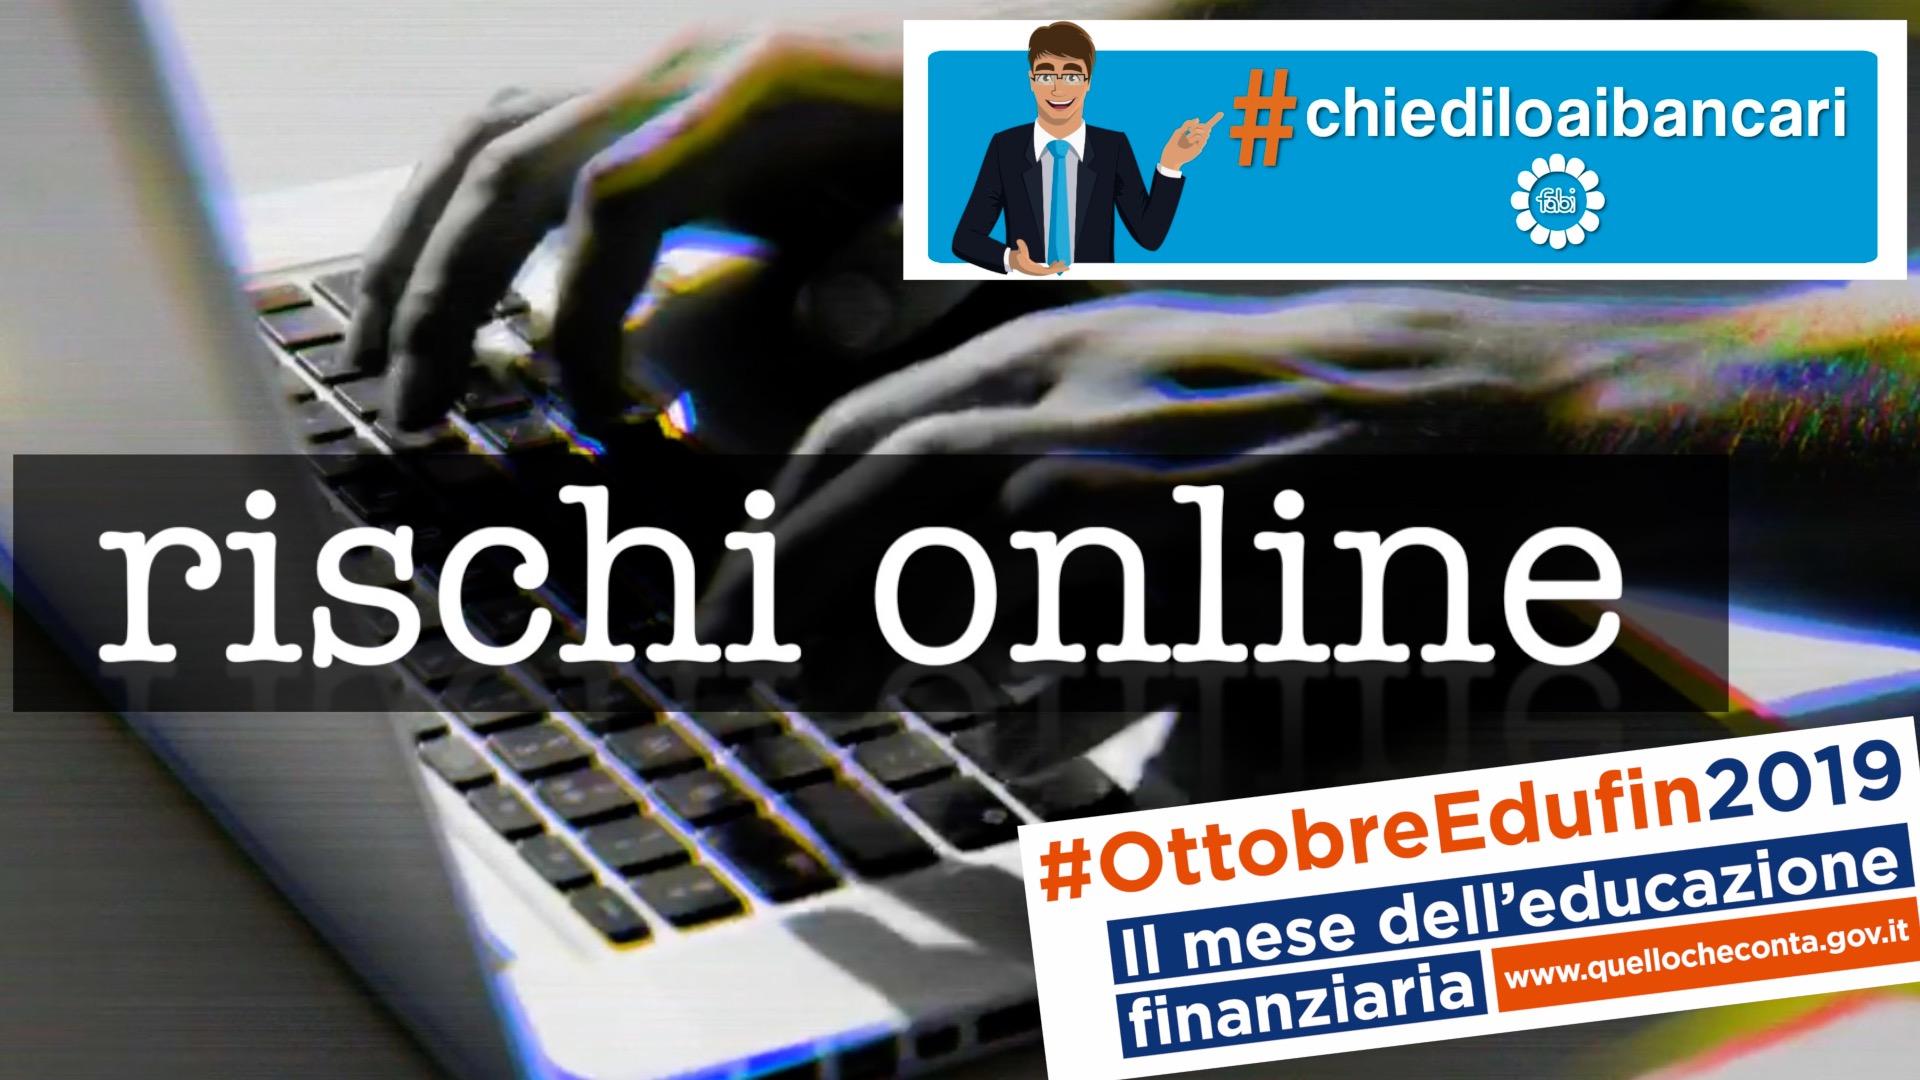 #CHIEDILOAIBANCARI, ECCO IL SECONDO VIDEO: I 10 RISCHI DELL'ONLINE